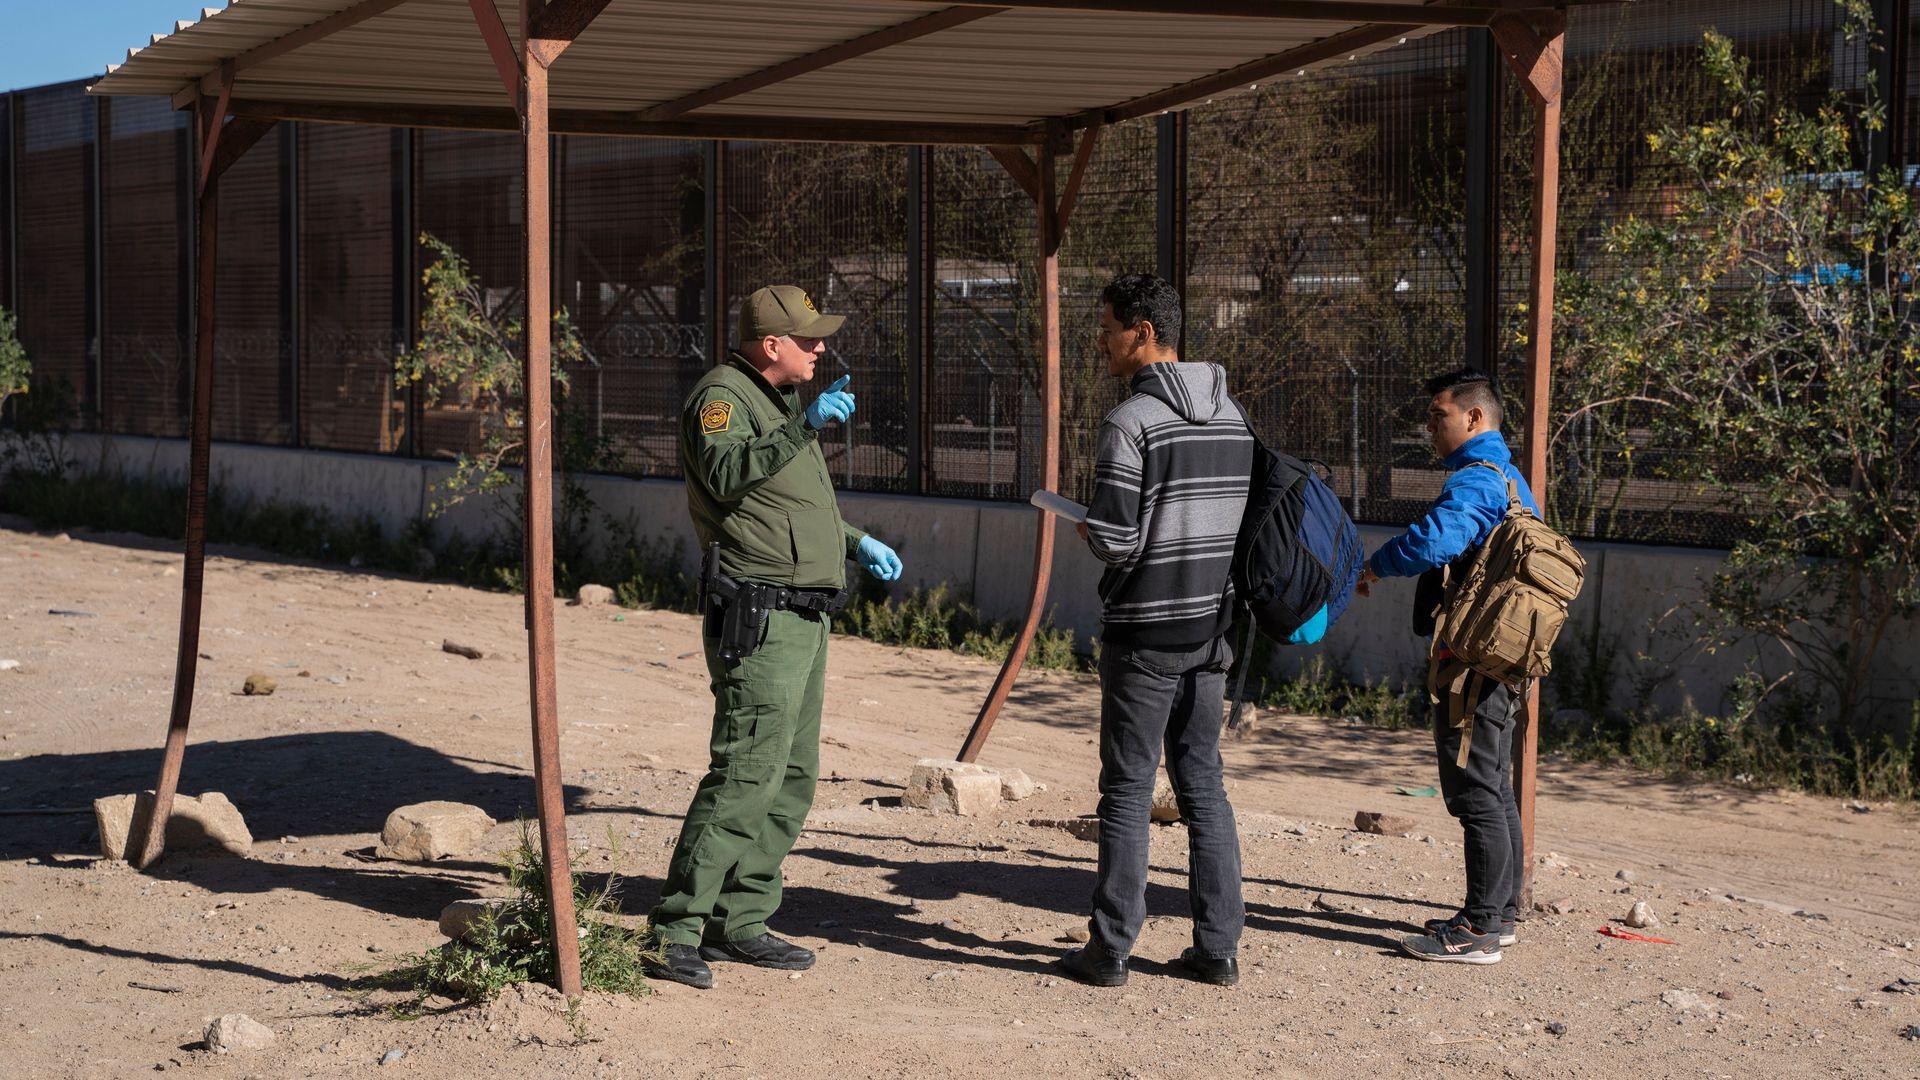 Two Salvadoran migrants greet a CBP officer in El Paso.